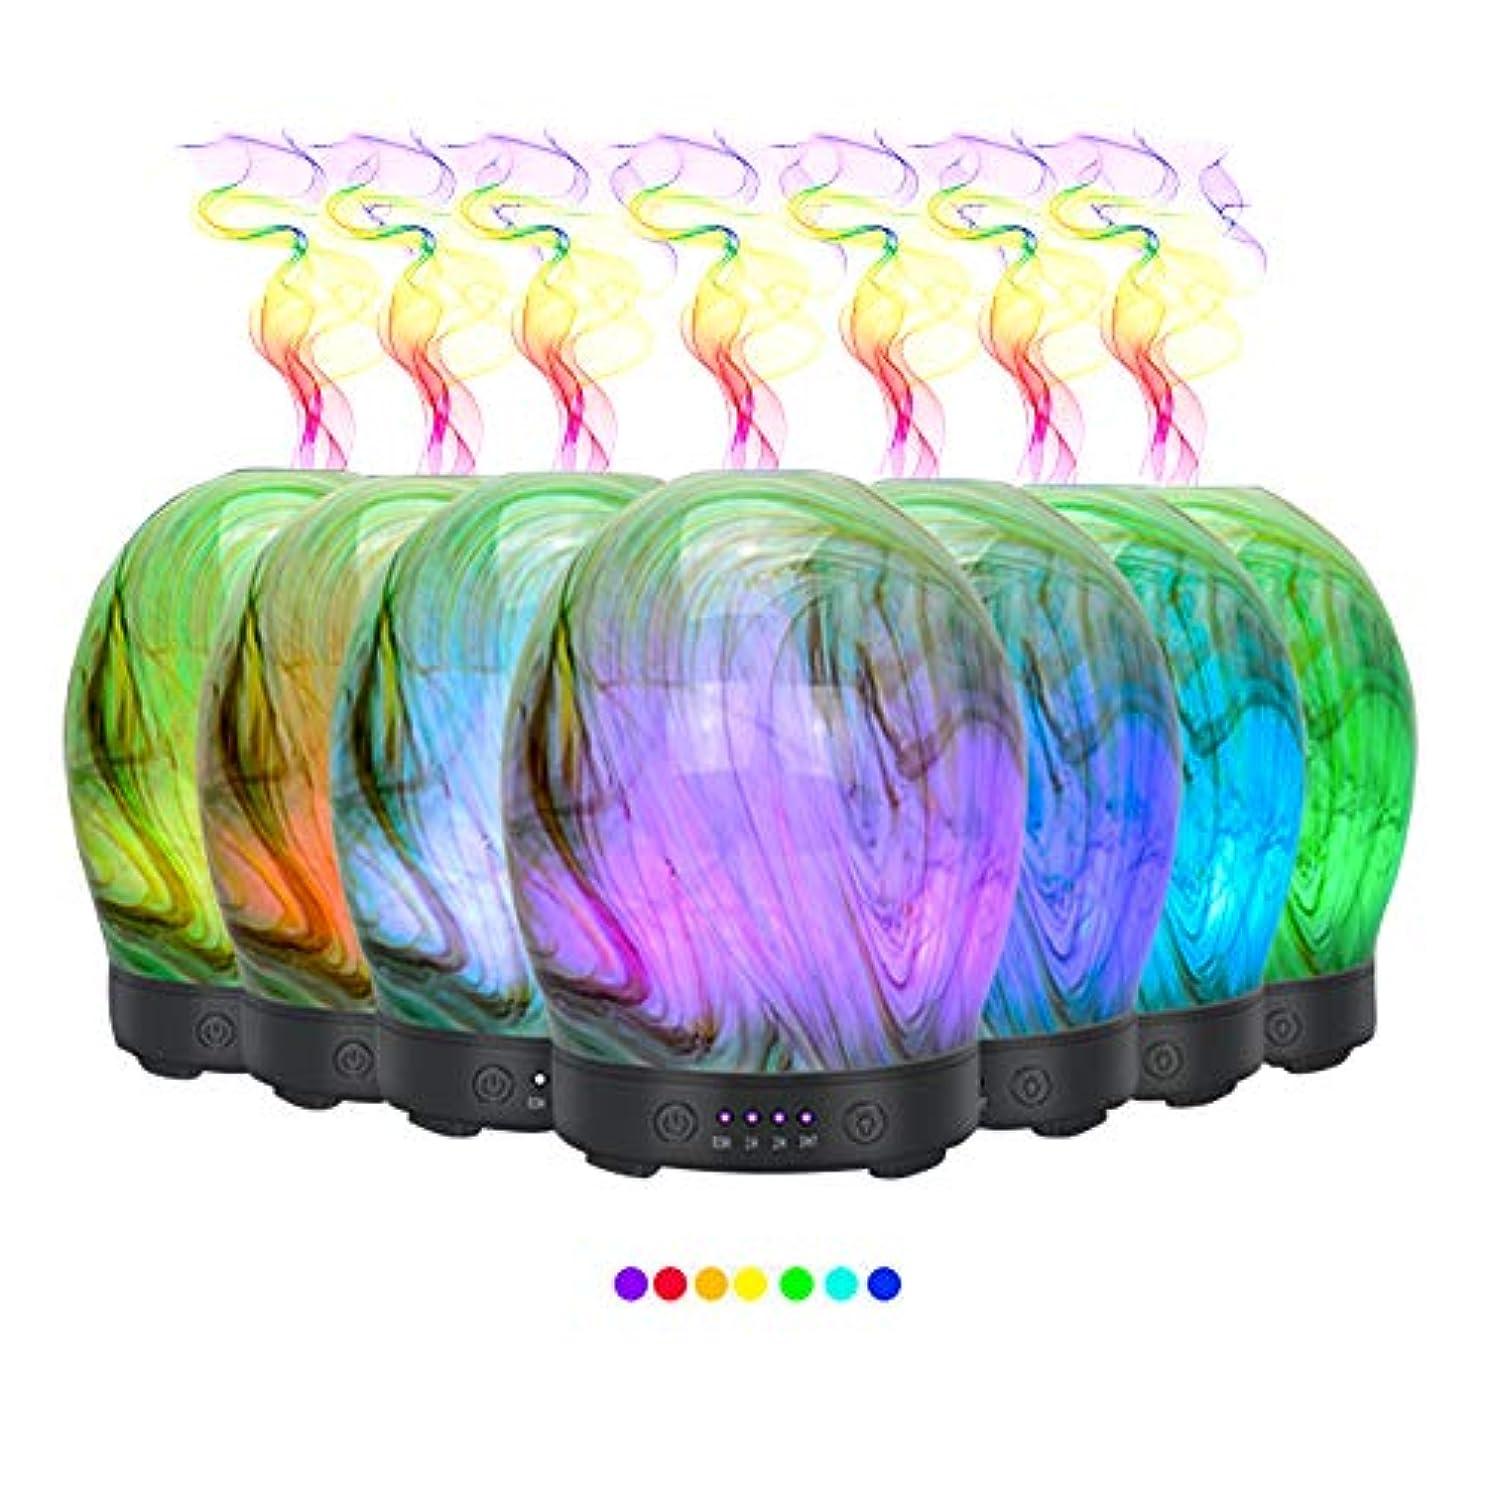 シャベルバーゲンバックアップエッセンシャルオイル用ディフューザー (100ml)-3d アートガラスツイストツリーアロマ加湿器7色の変更 LED ライト & 4 タイマー設定、水なしオートシャットオフ